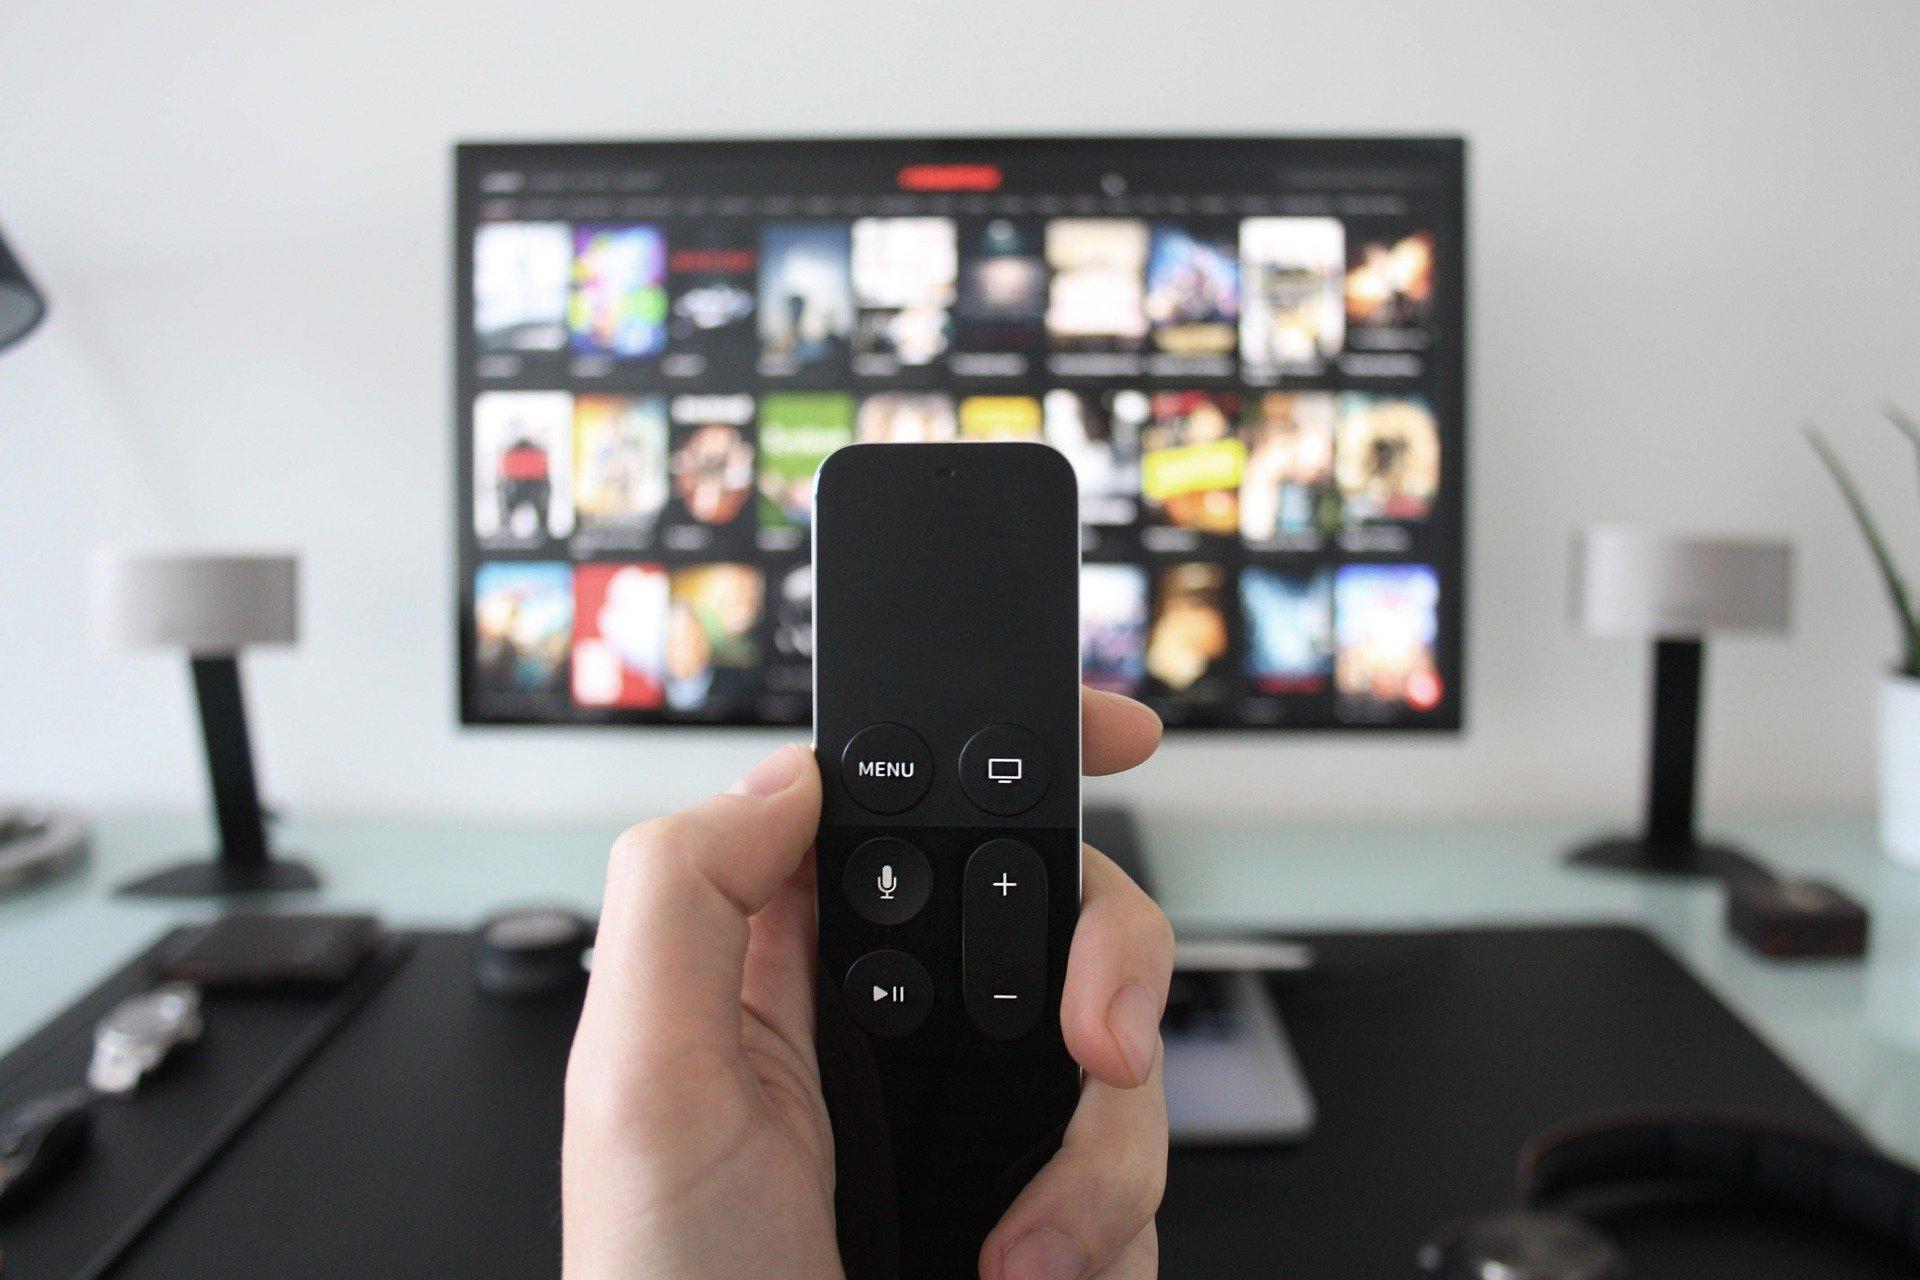 Serwisy streamingowe zwiększają piractwo